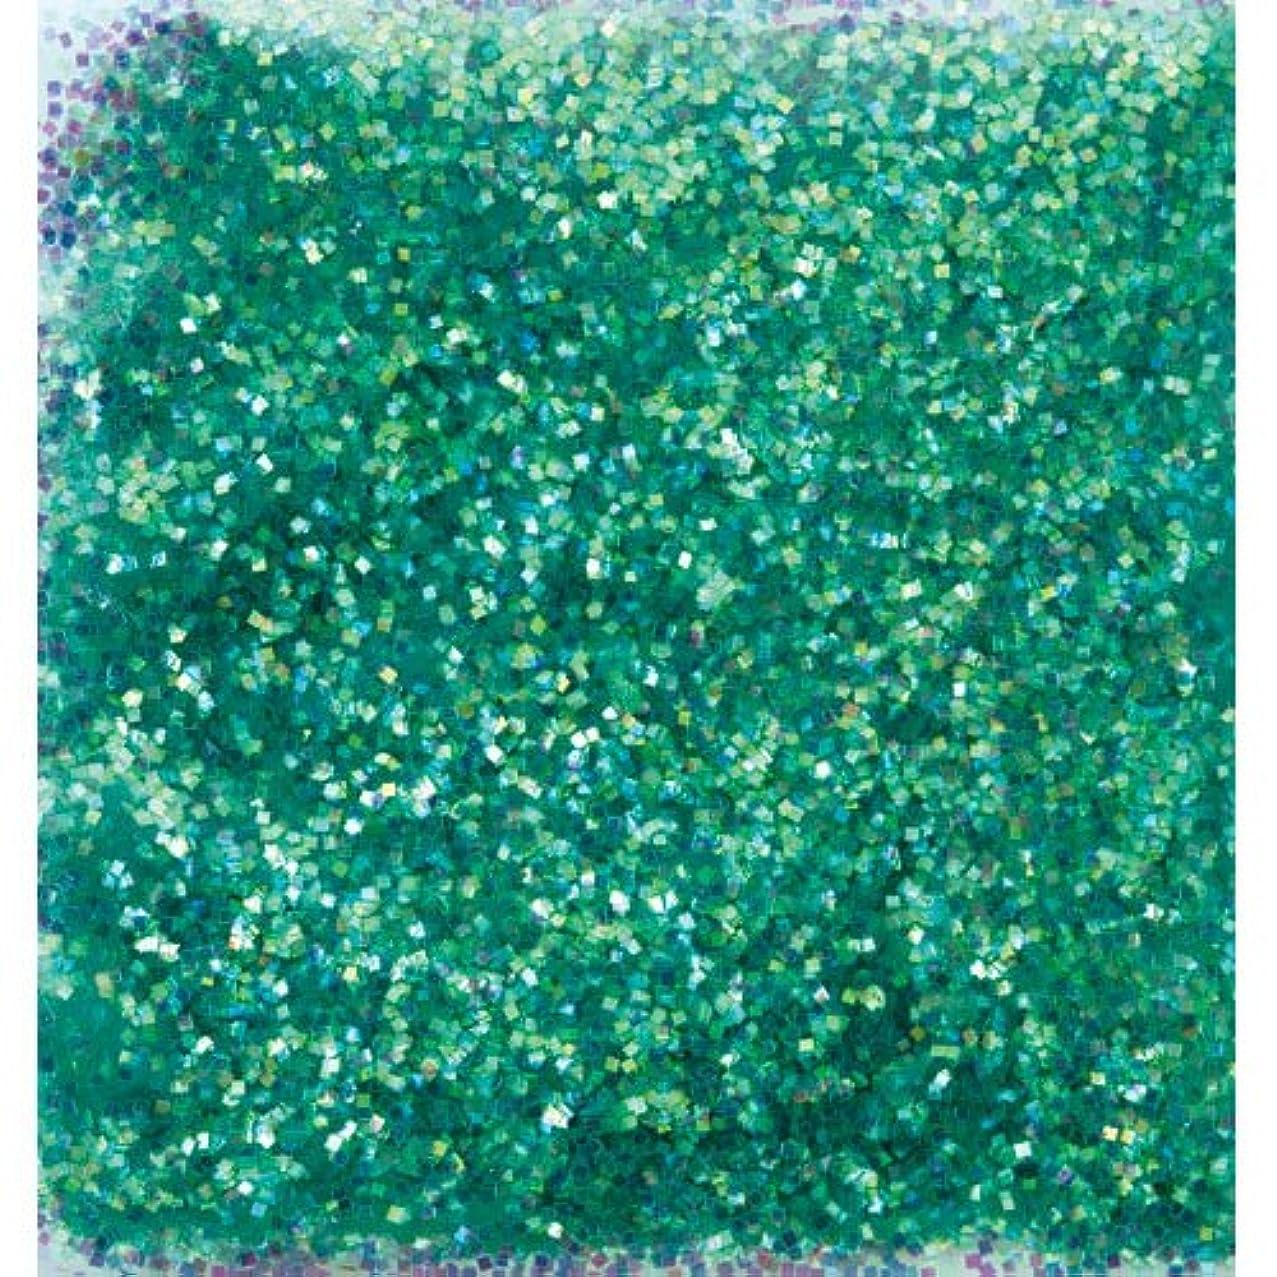 虫褐色かみそりピカエース ネイル用パウダー オーロラグリッター M #499 グリーン 1.5g